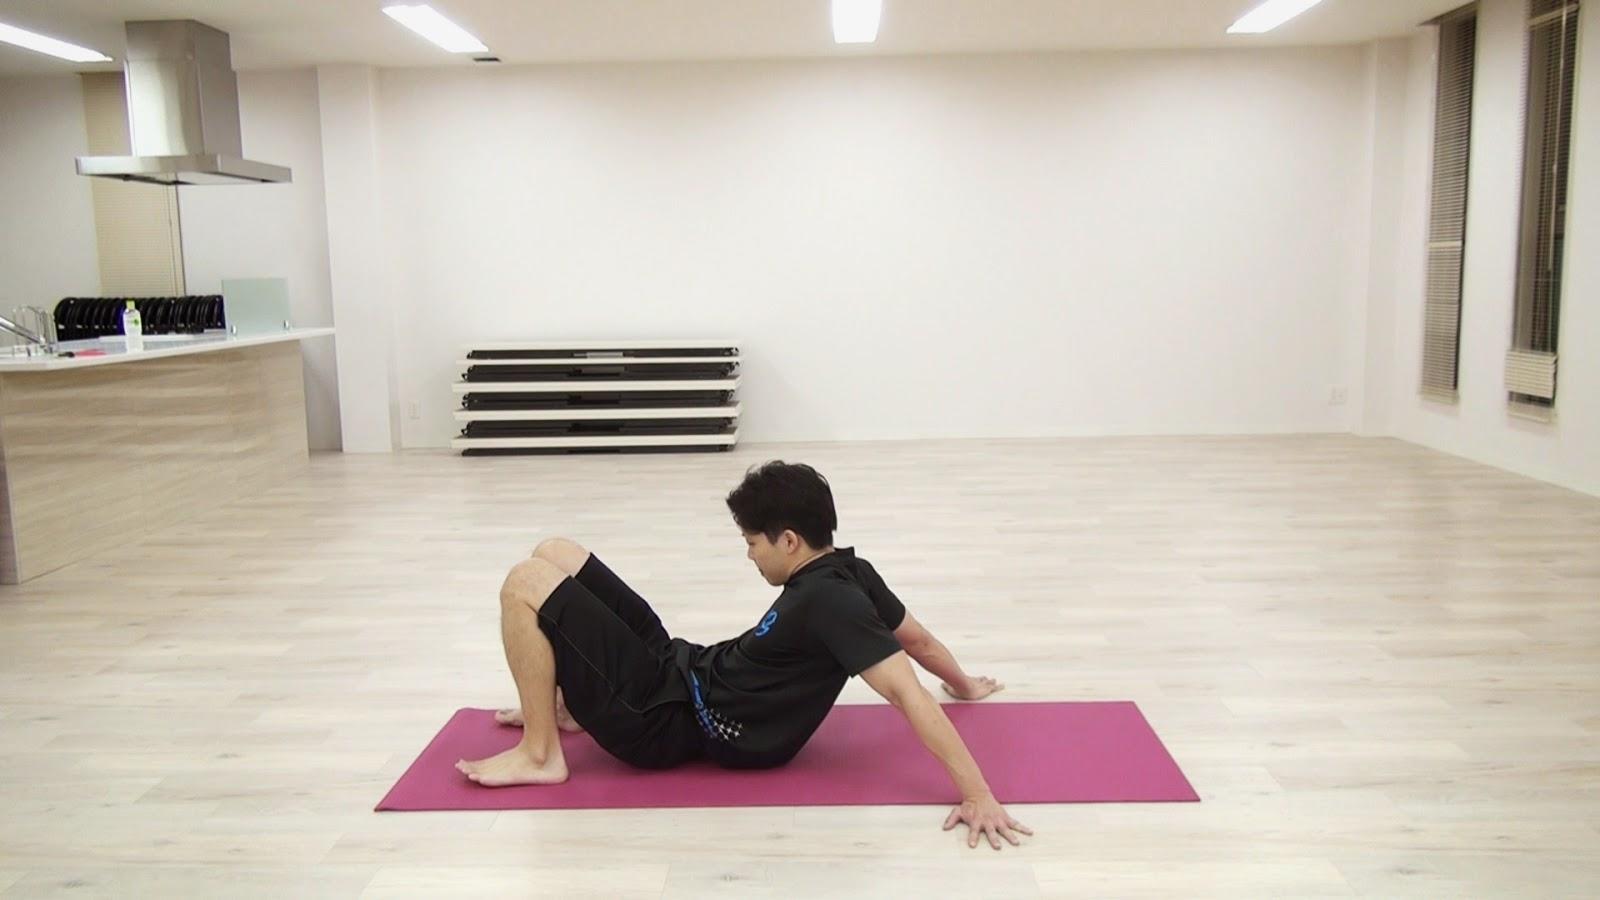 肩のストレッチと腹筋のトレーニング